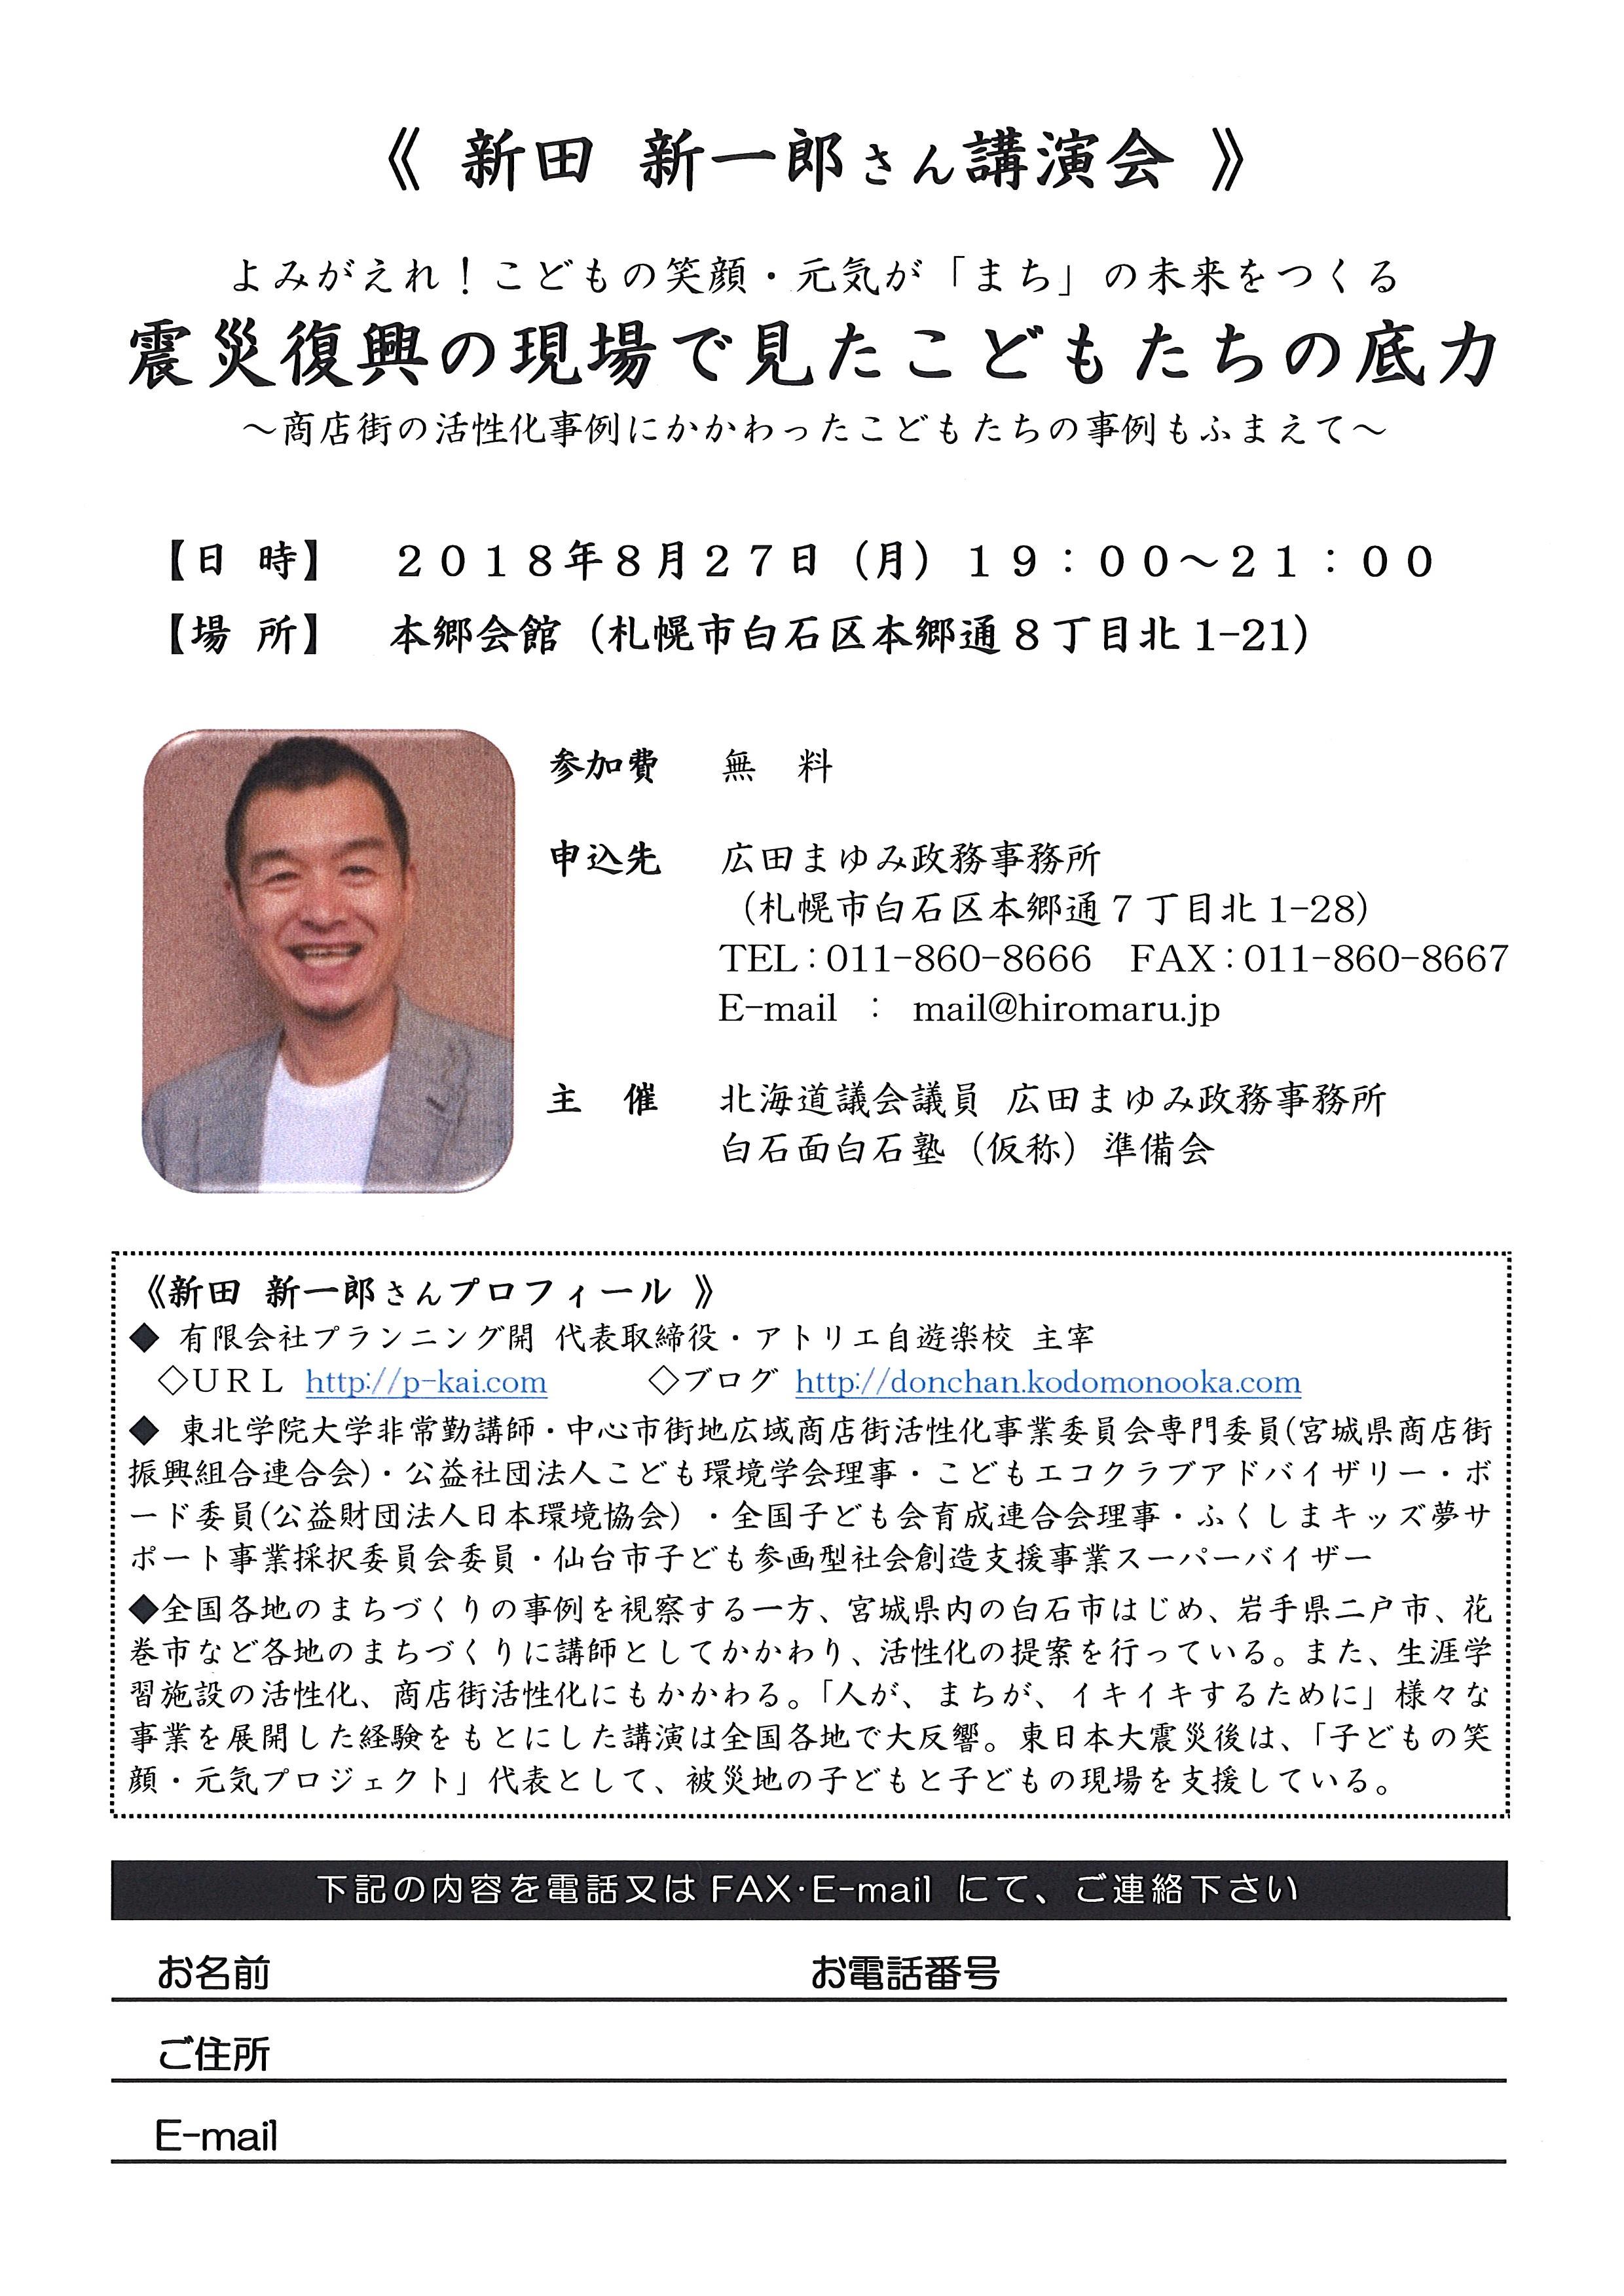 【ご案内】新田新一郎さん講演会『震災復興の現場で見たこどもたちの底力』